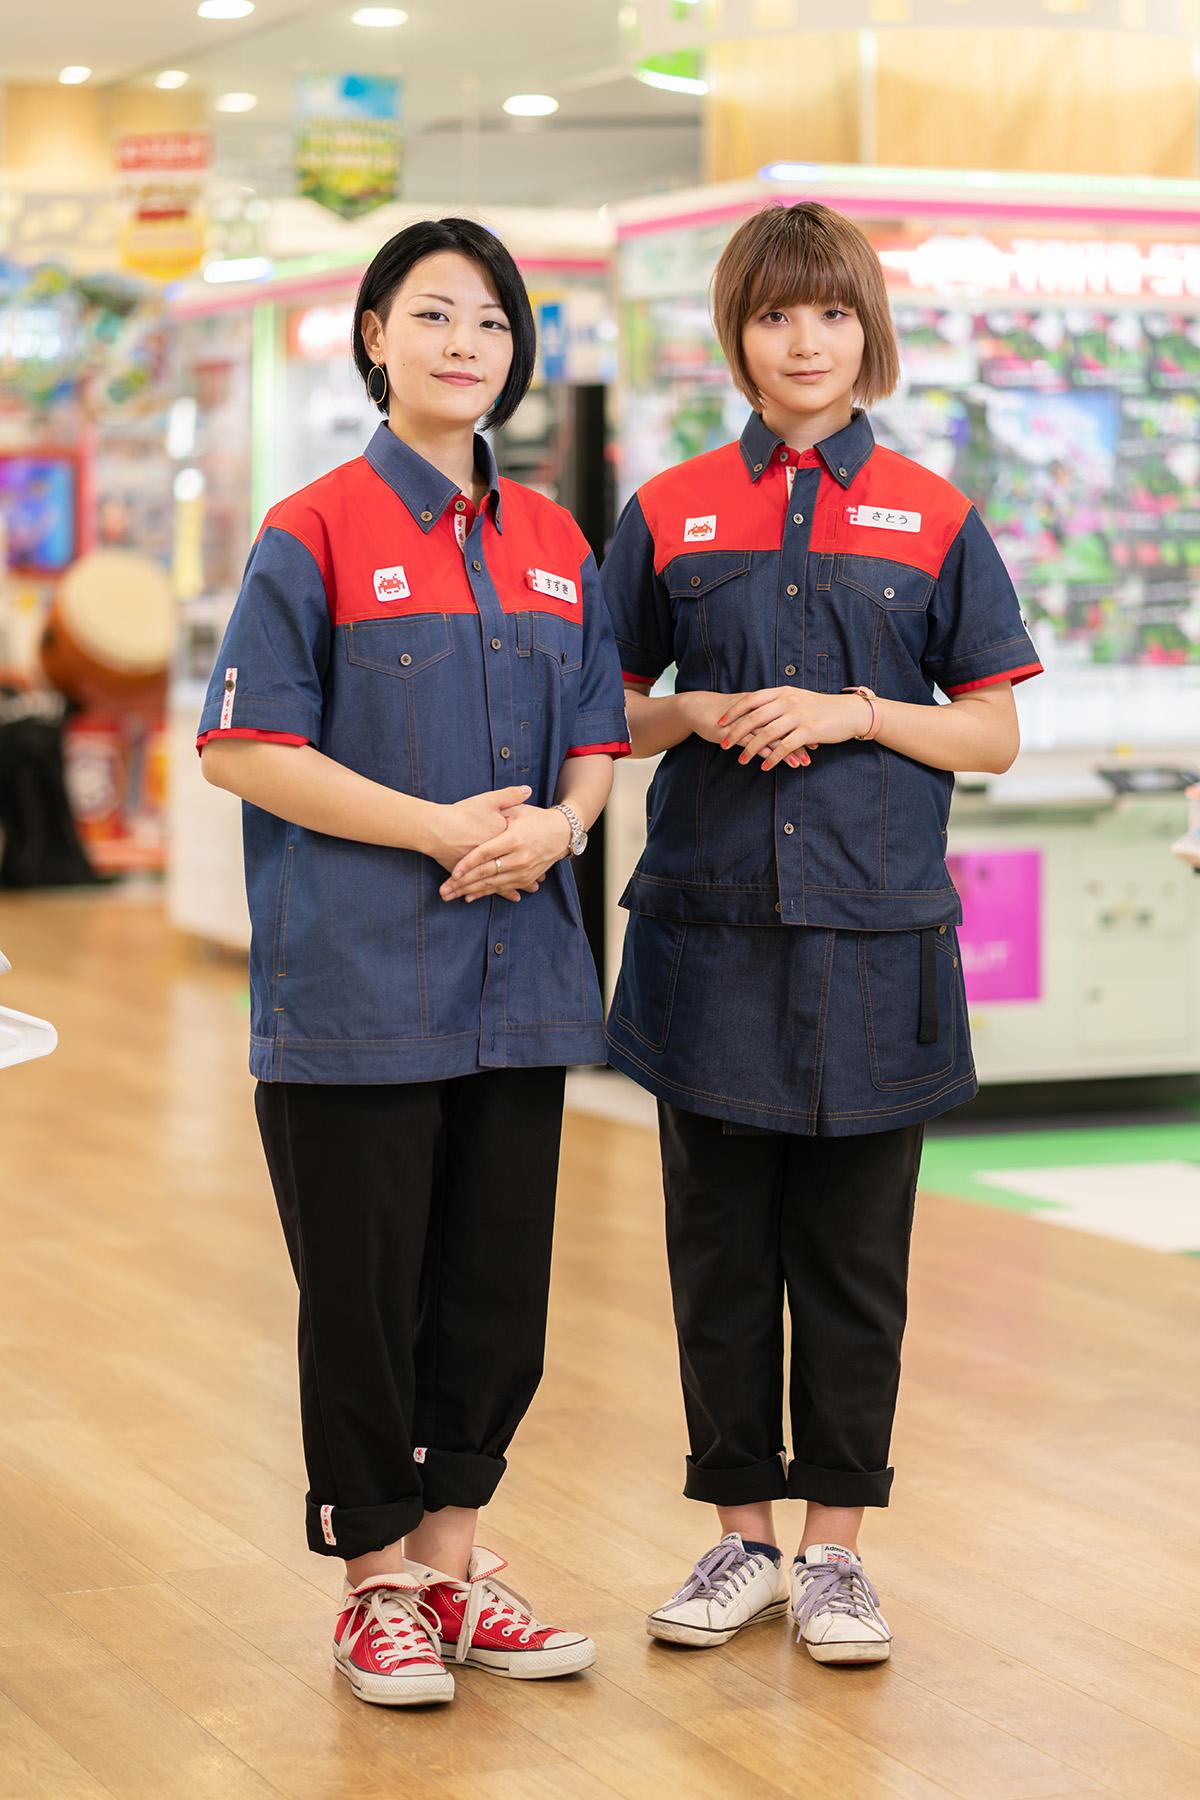 (左)パンツとデニムシャツのコーディネート。パンツの裾をロールアップ/(右)パンツの裾をロールアップし、デニムシャツとエプロンを組み合わせている